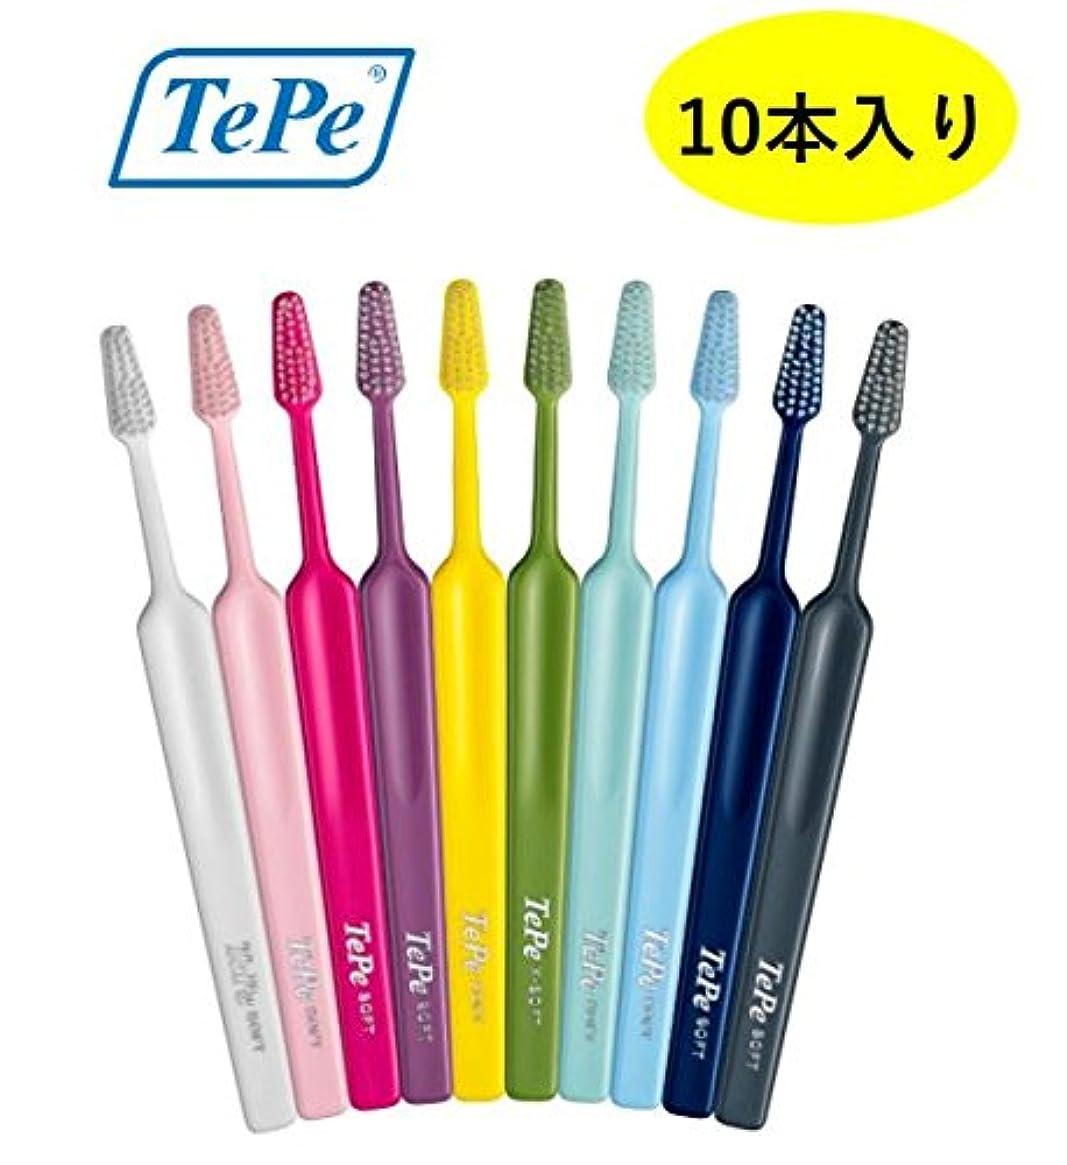 行進金属アクセサリーテペ ソフト(やわらかめ) 10本 ブリスターパック TePe